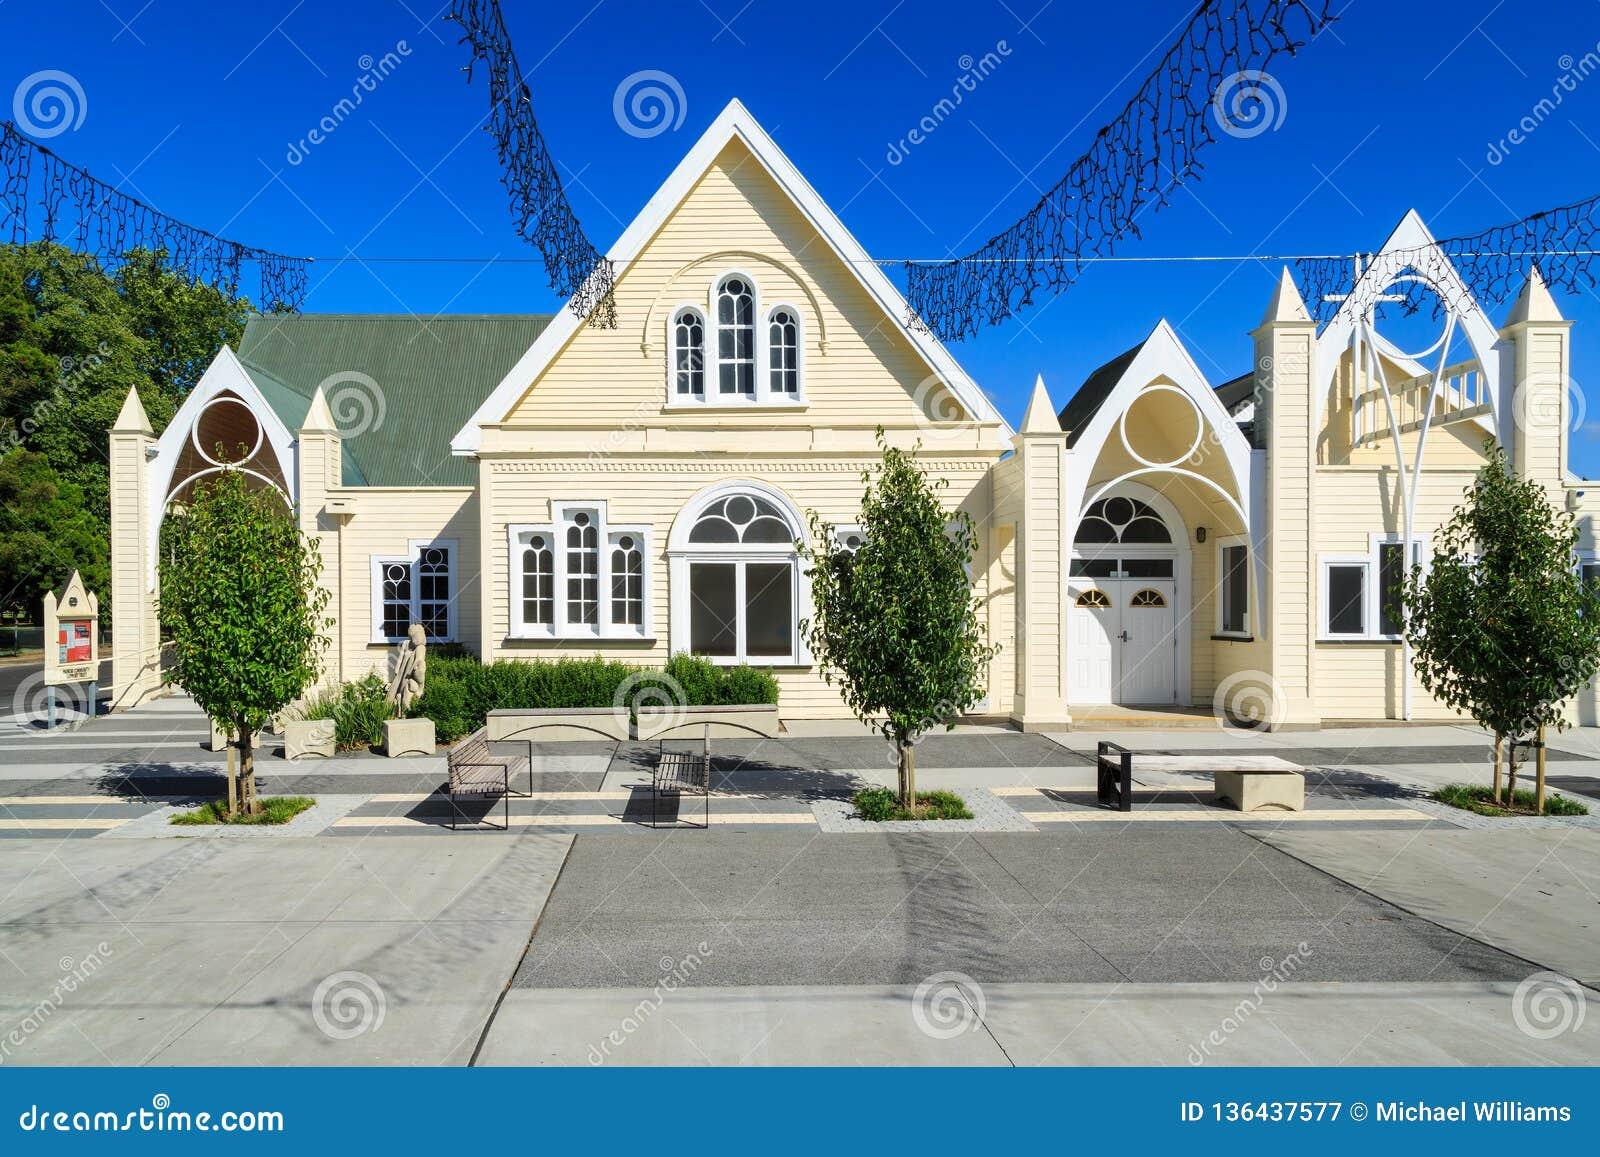 Historyczny drewniany kościół w Paeroa, Nowa Zelandia